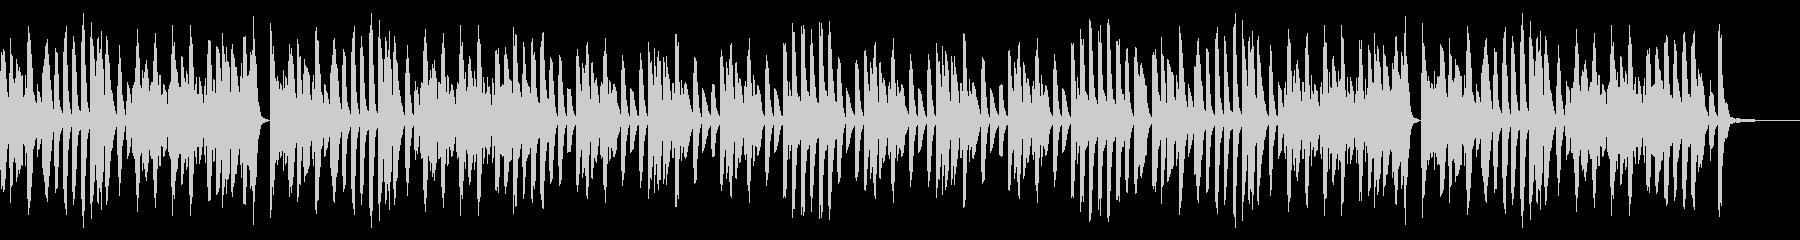 ラグタイム/楽しい/ホンキートンクの未再生の波形